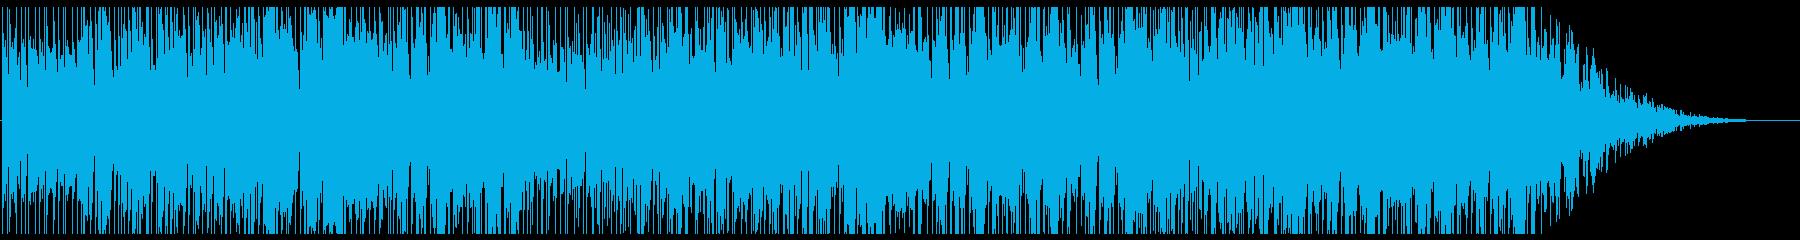 60年代のヴォーカルバイブと90年...の再生済みの波形